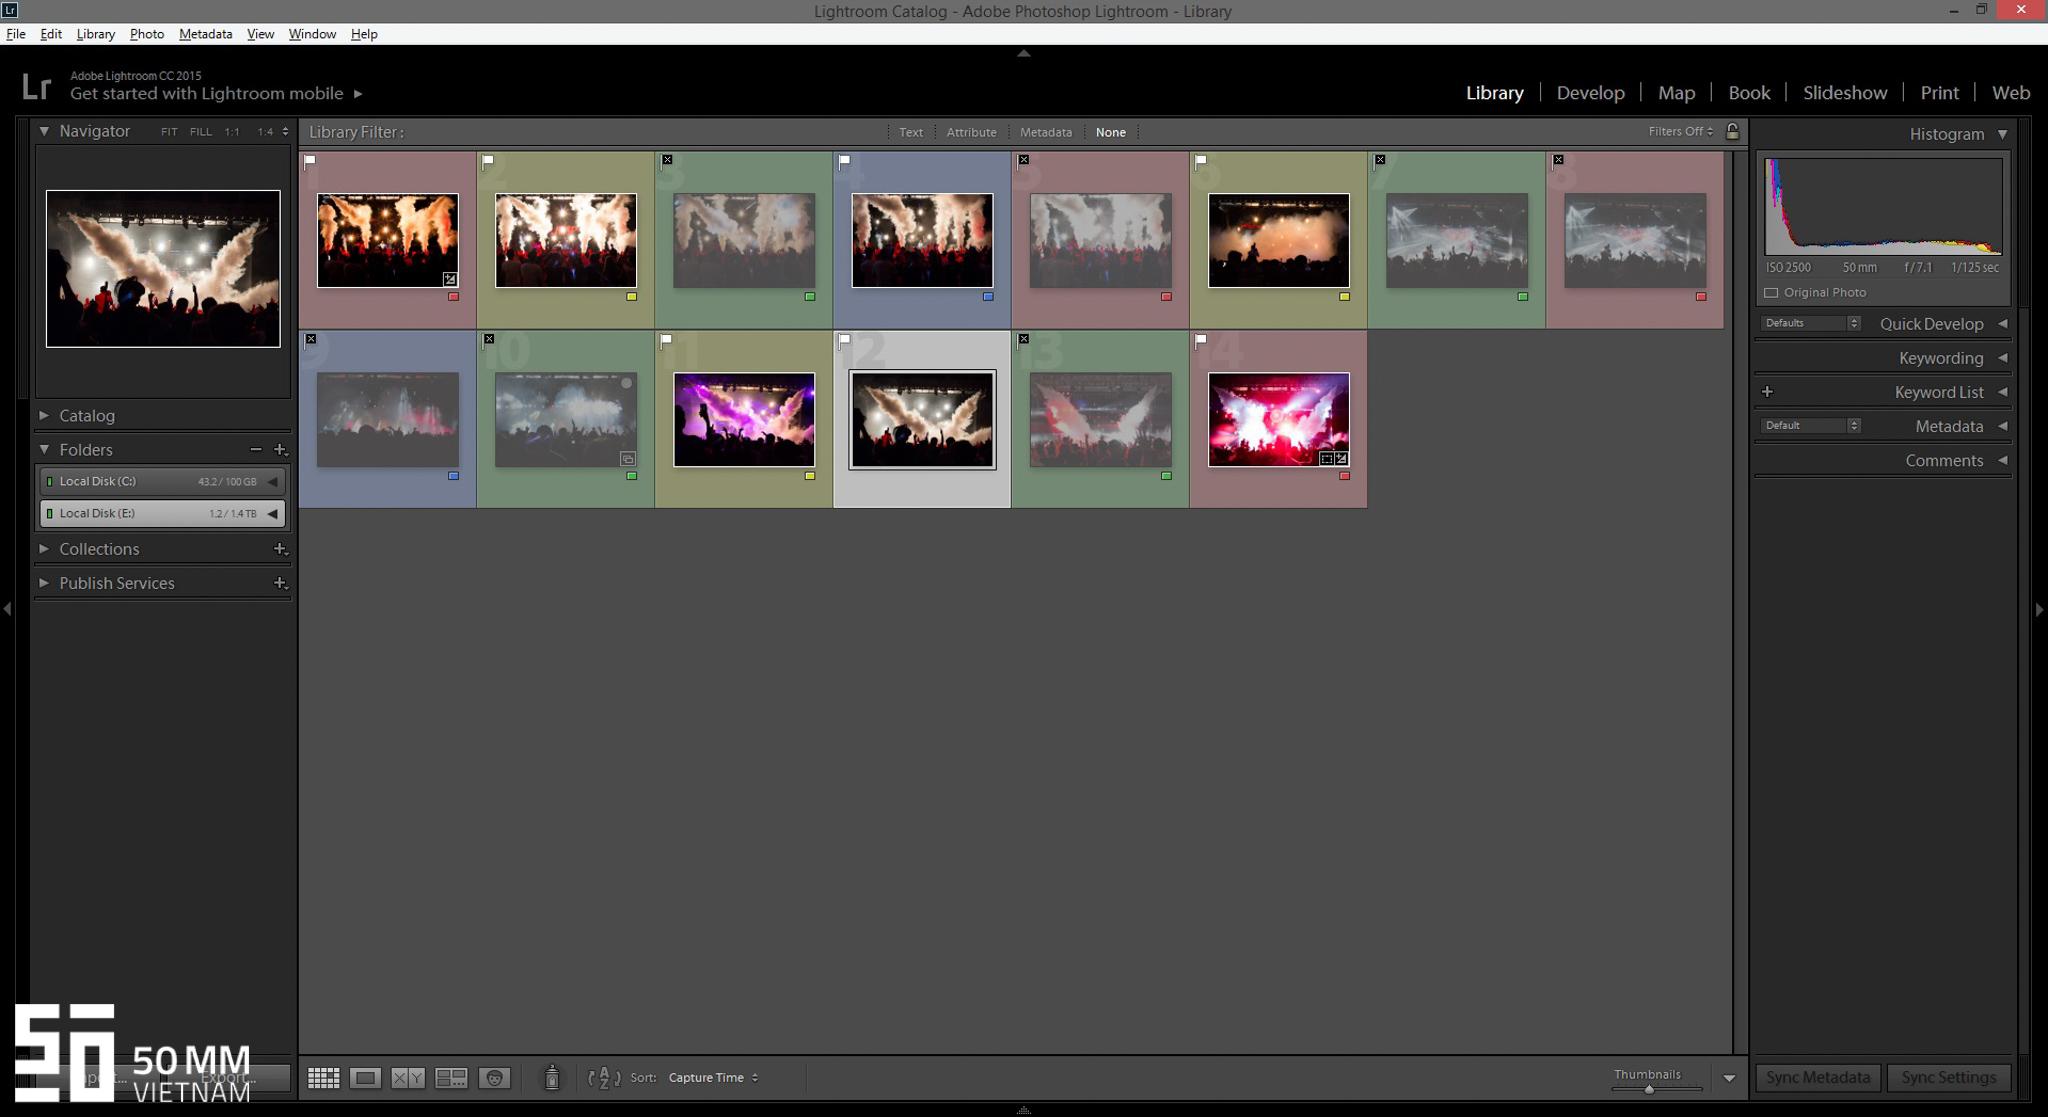 24 phím tắt hữu ích dành cho những người mới sử dụng Adobe Photoshop Lightroom